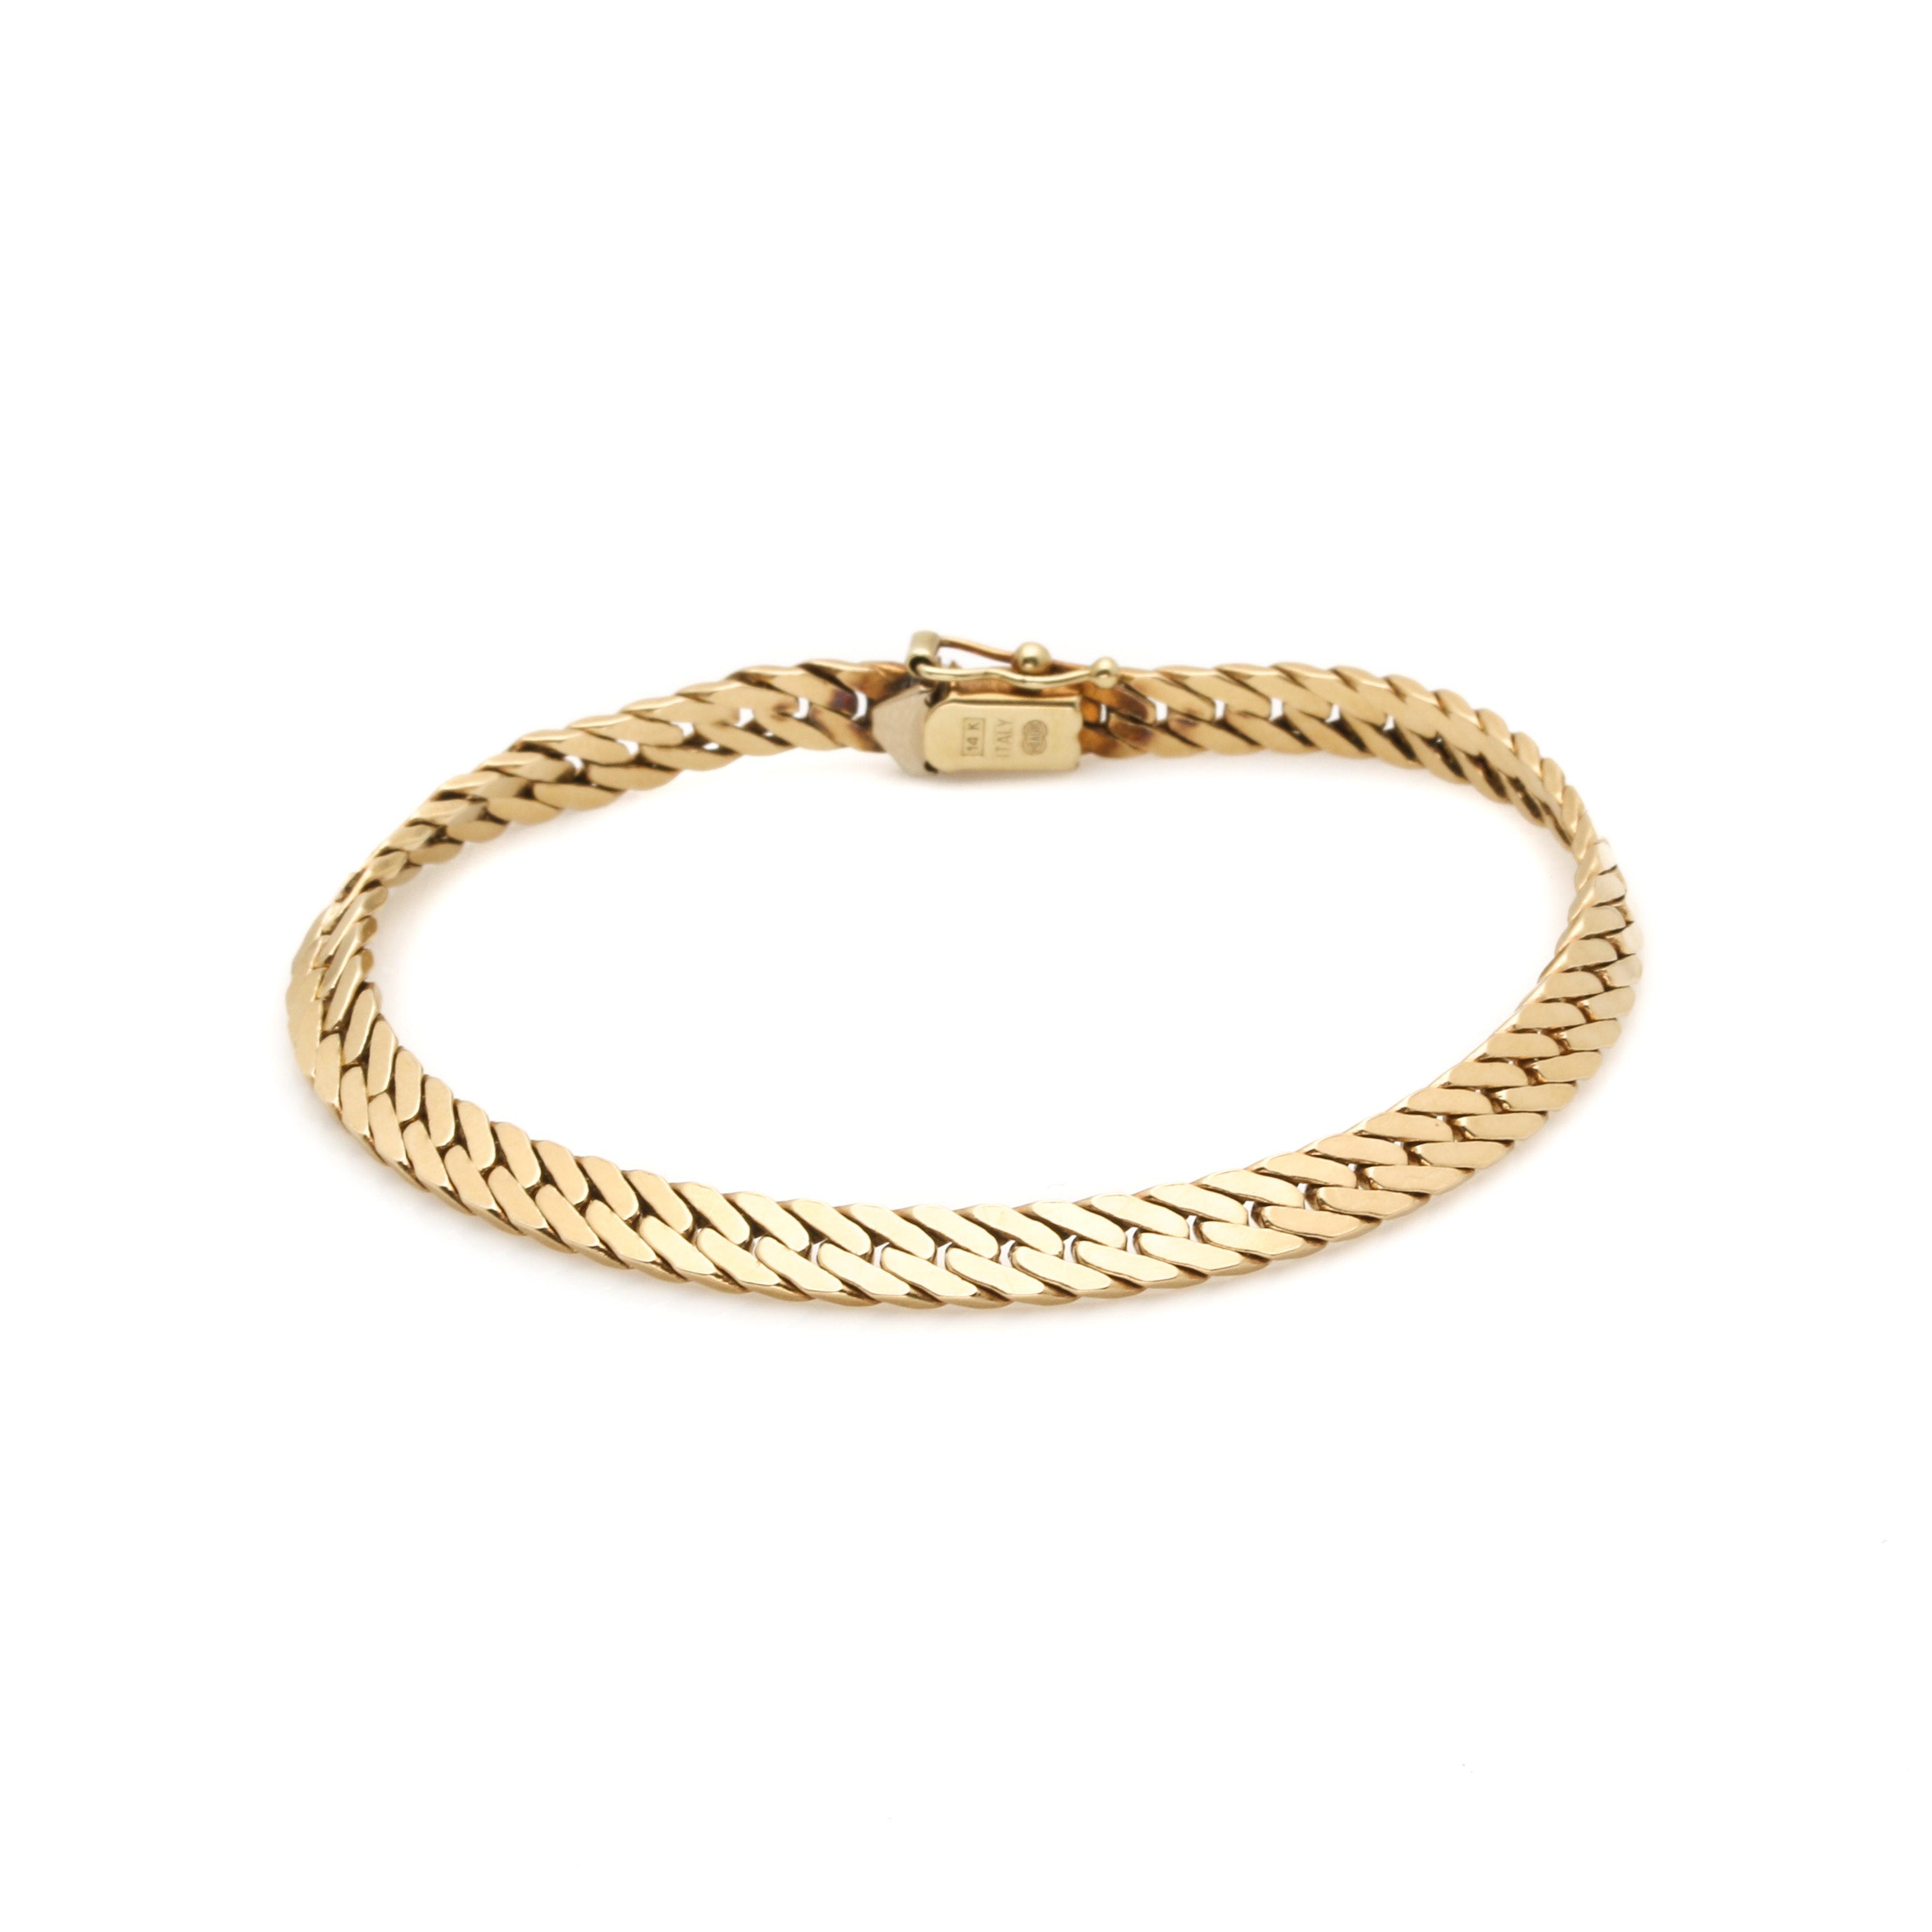 UnoAErre 14K Yellow Gold Fancy Link Chain Bracelet